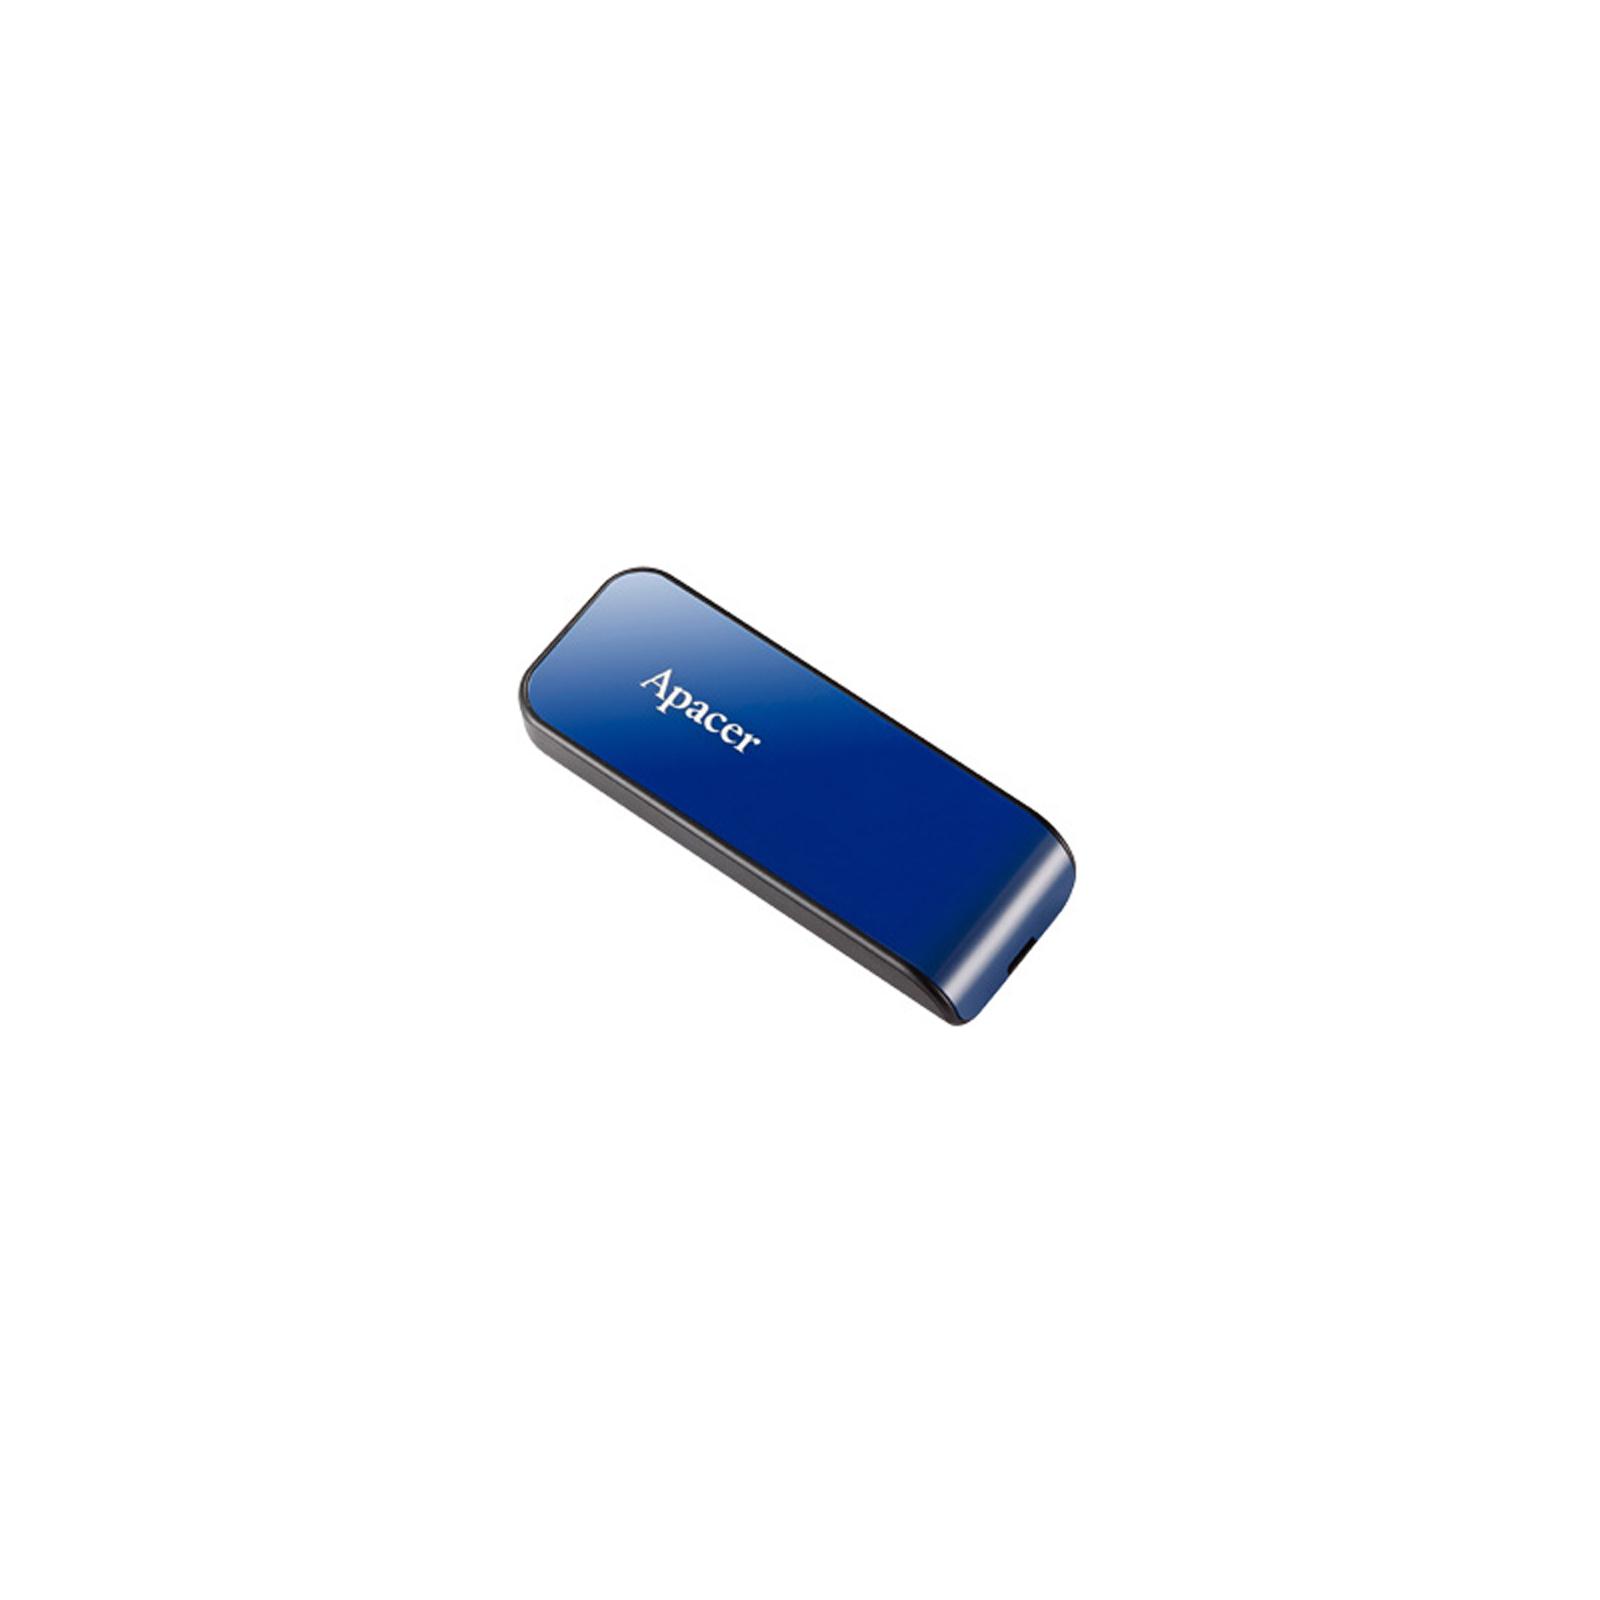 USB флеш накопитель Apacer 16GB AH334 pink USB 2.0 (AP16GAH334P-1) изображение 2